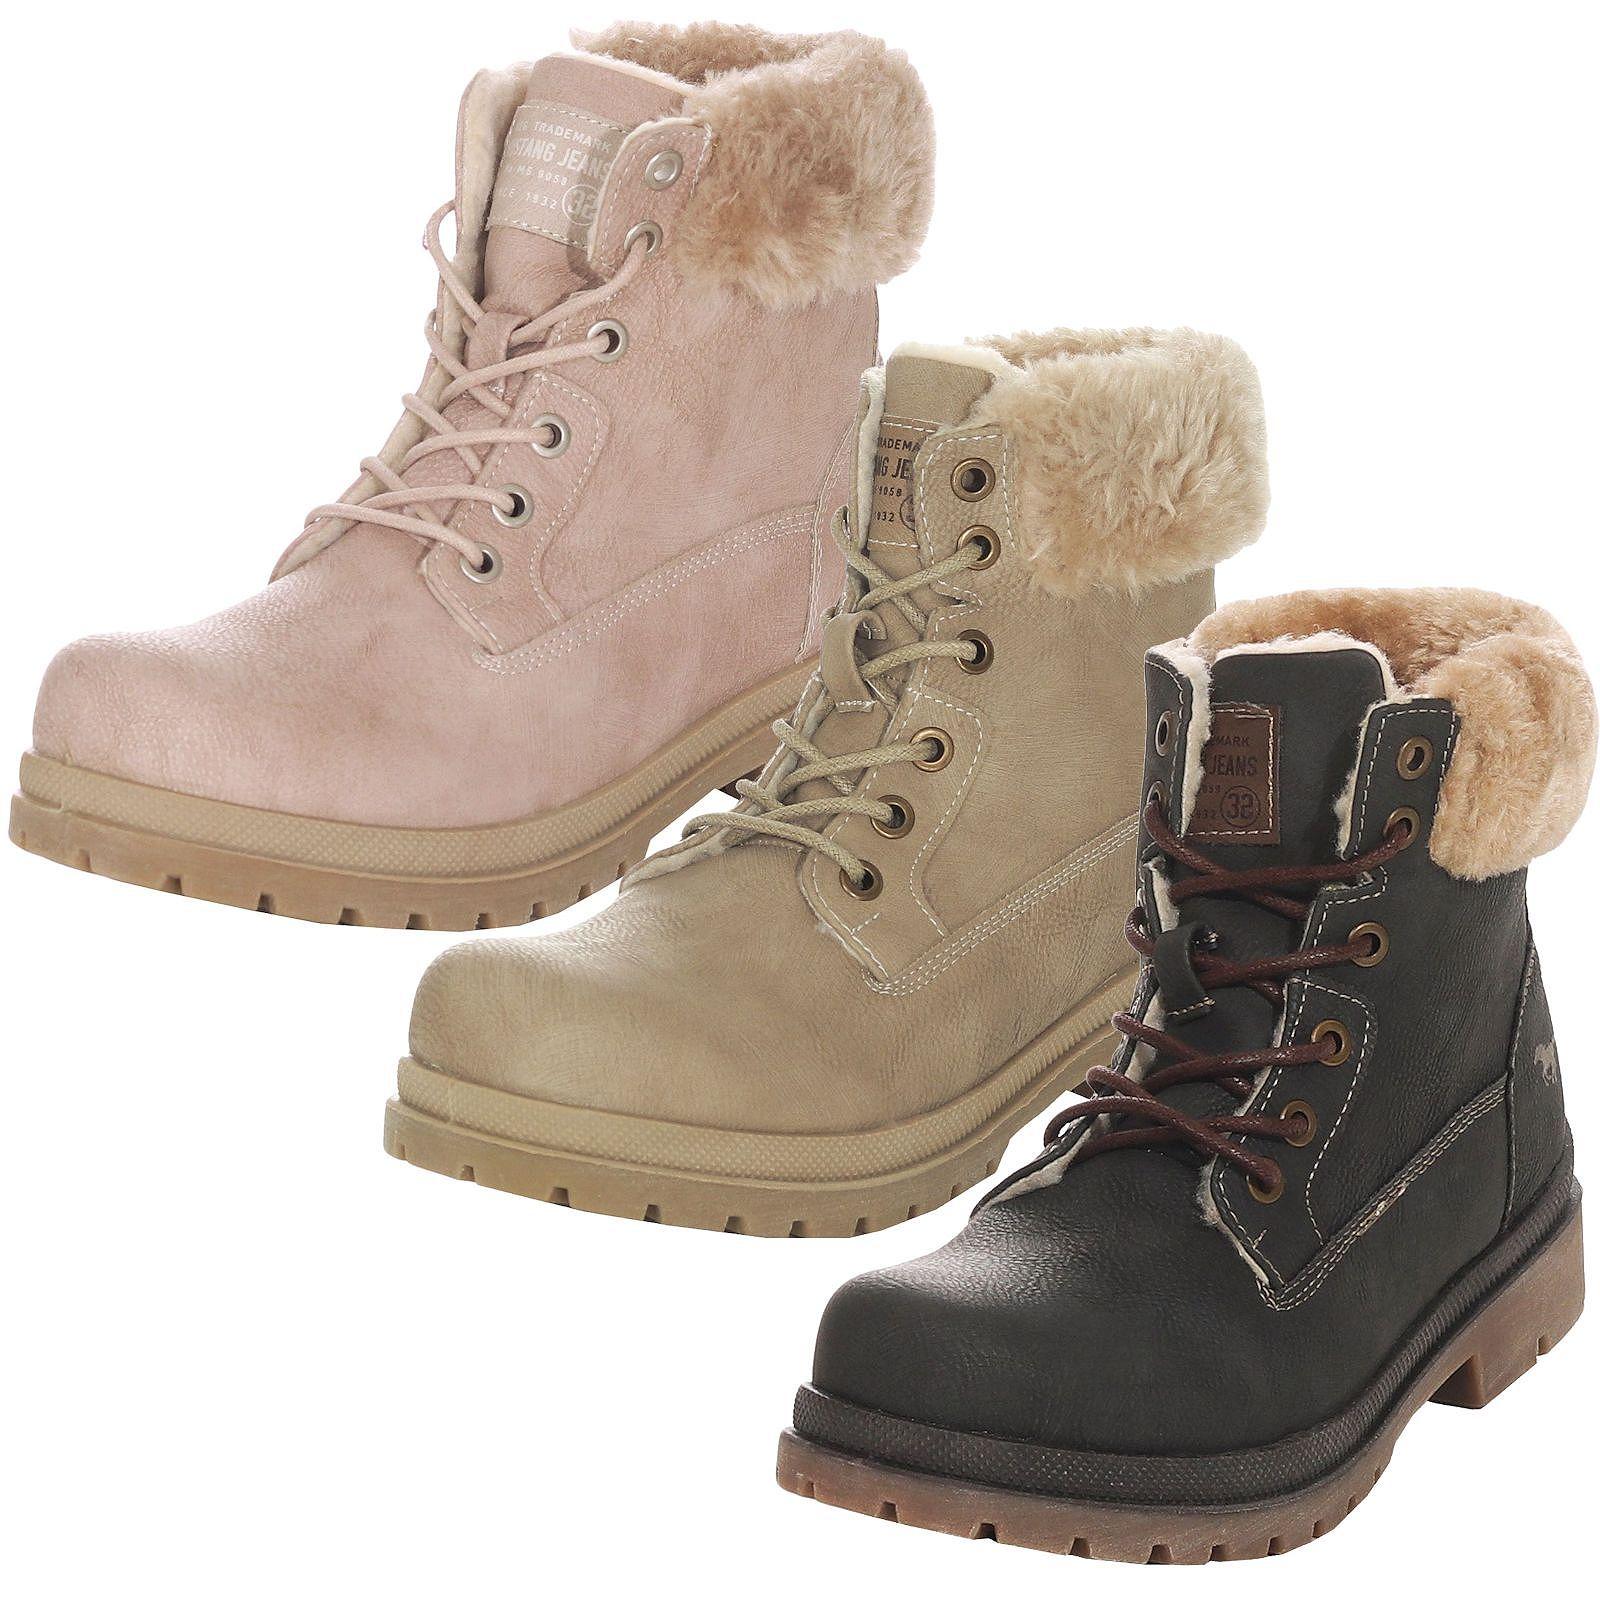 sports shoes 35c1a 16769 Details zu Mustang Damen Winterschuhe Stiefel Boots Winterstiefel  Damenschuhe 1207-607